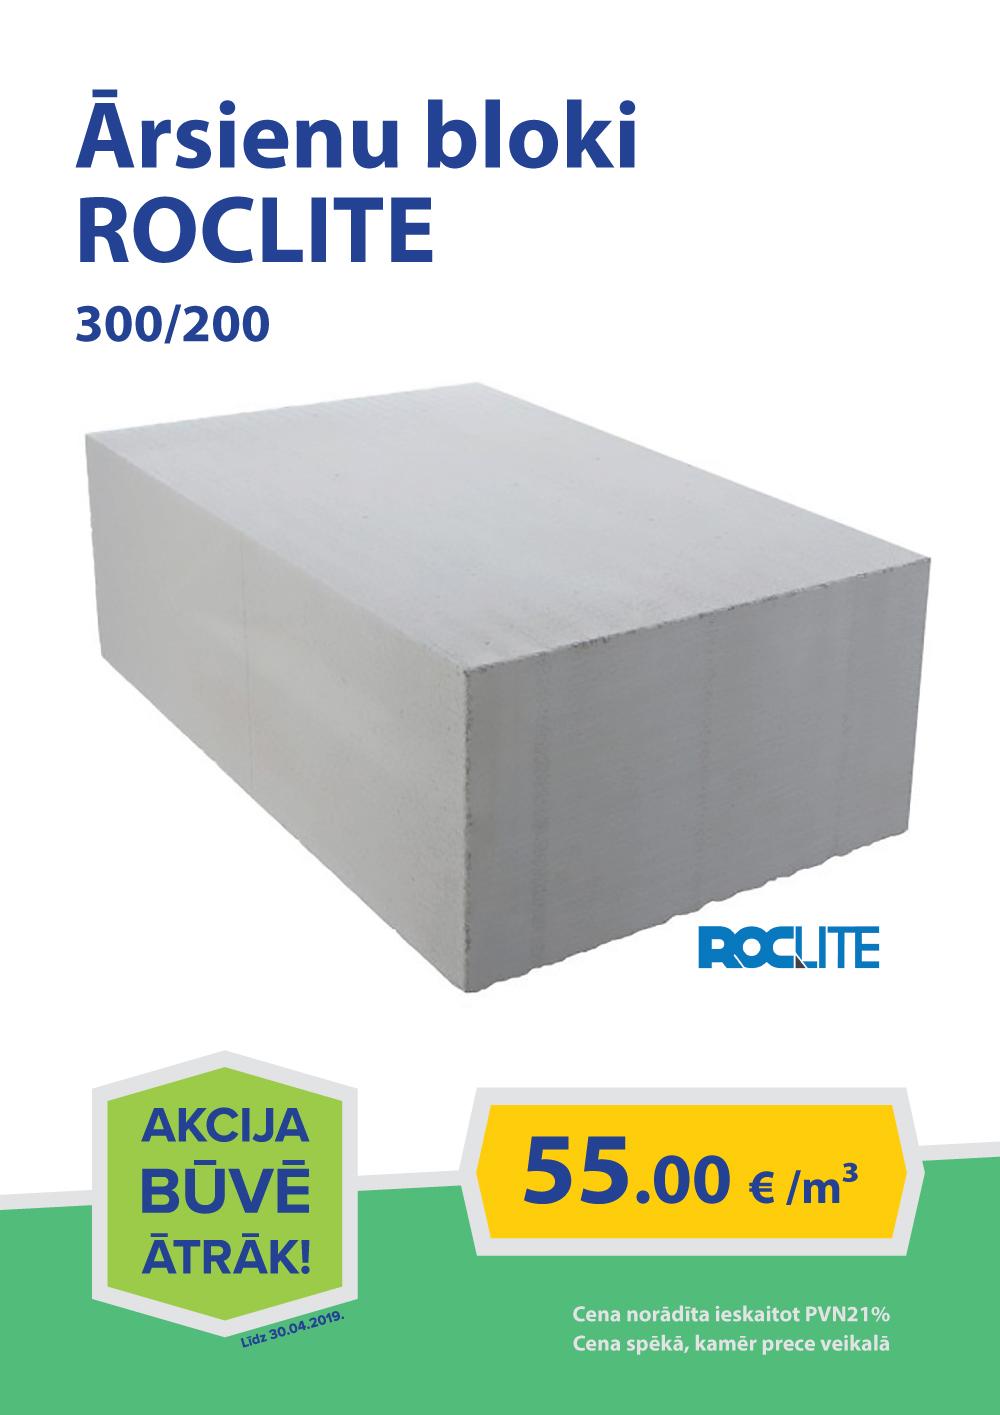 Ārsienu bloki Roclite 300/200